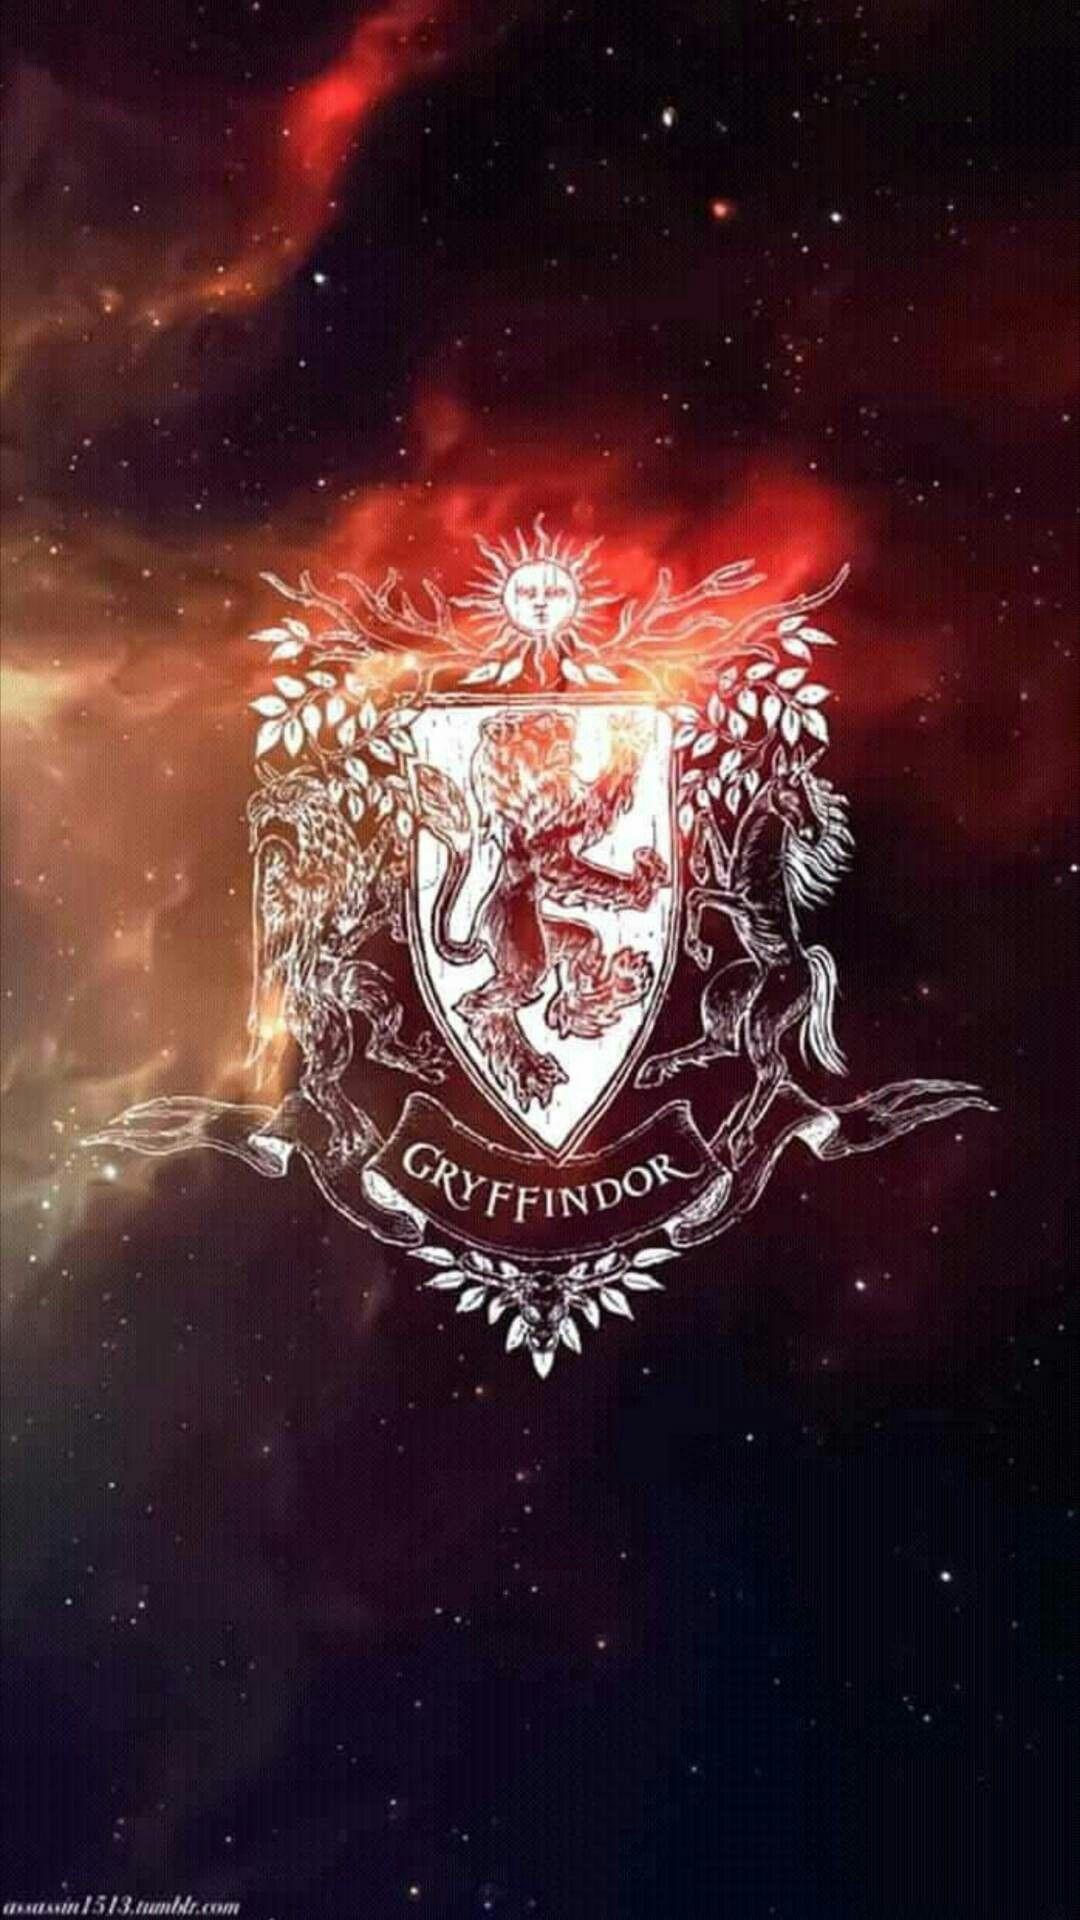 Gryffindor Harry Potter Bildschirmhintergrund Harry Potter Hintergrund Bildschirmhintergrund